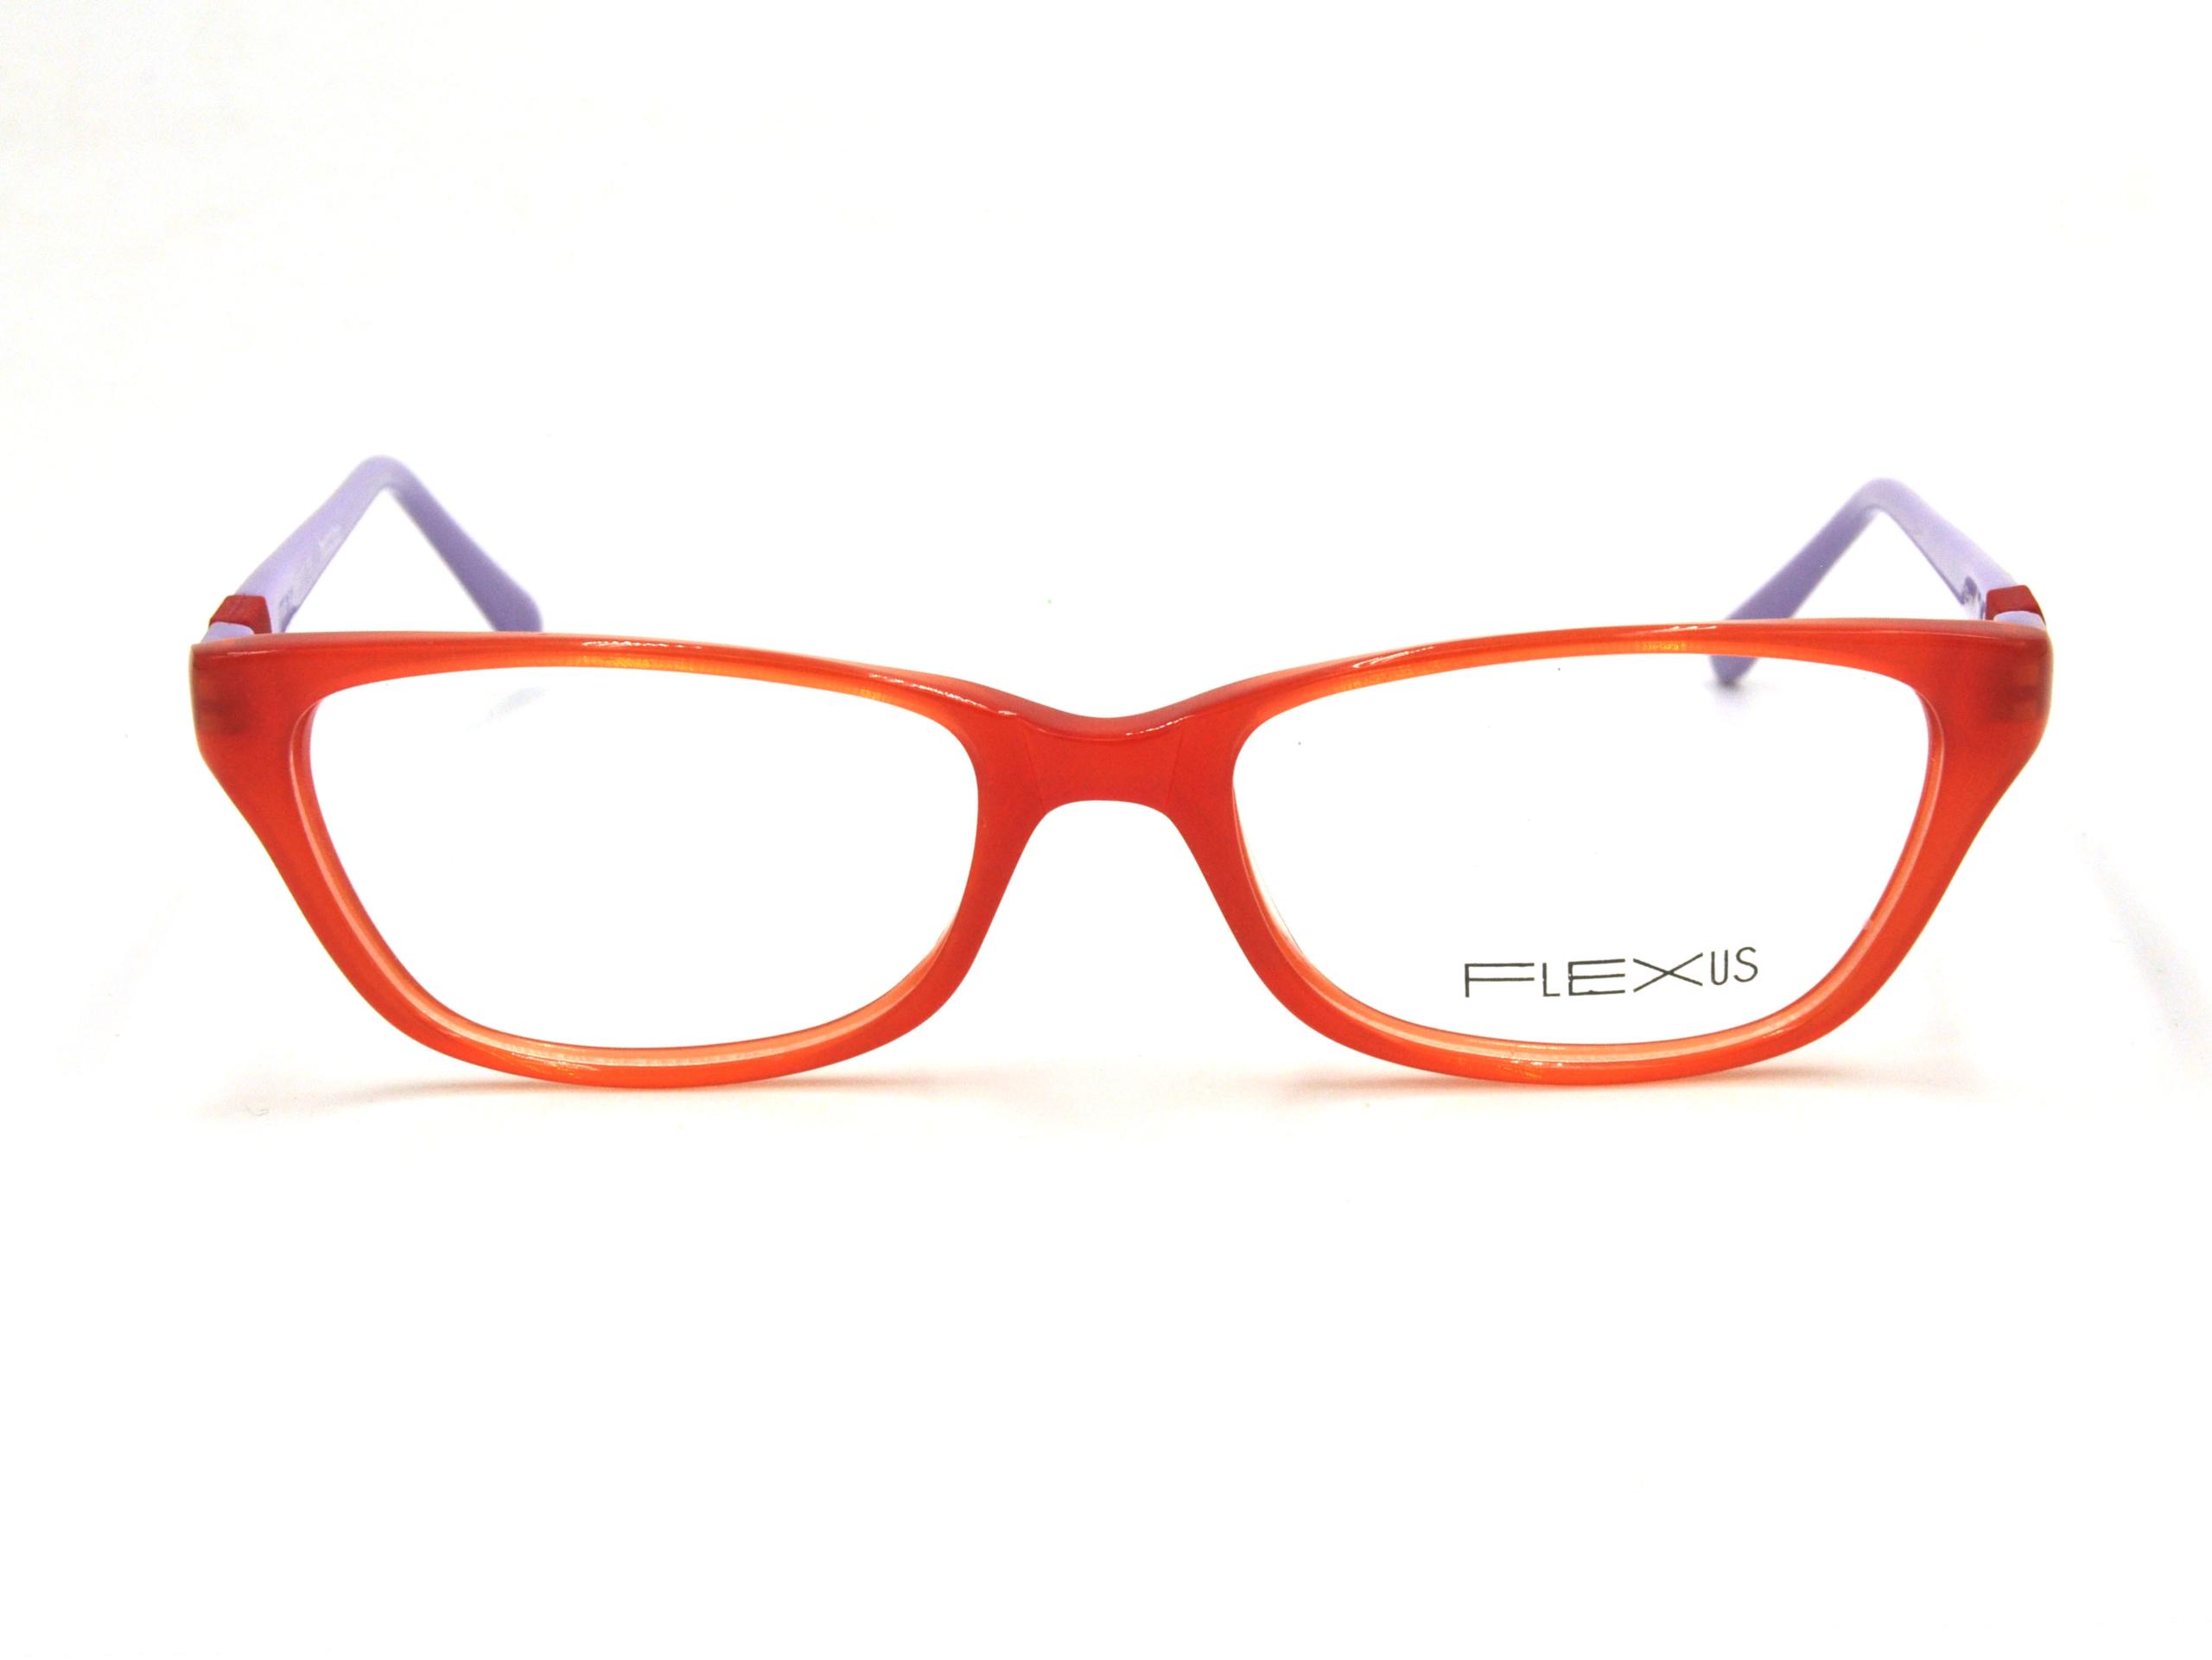 Γυαλιά οράσεως FLEXUS FTV006-340 49-17-135 Πειραιάς